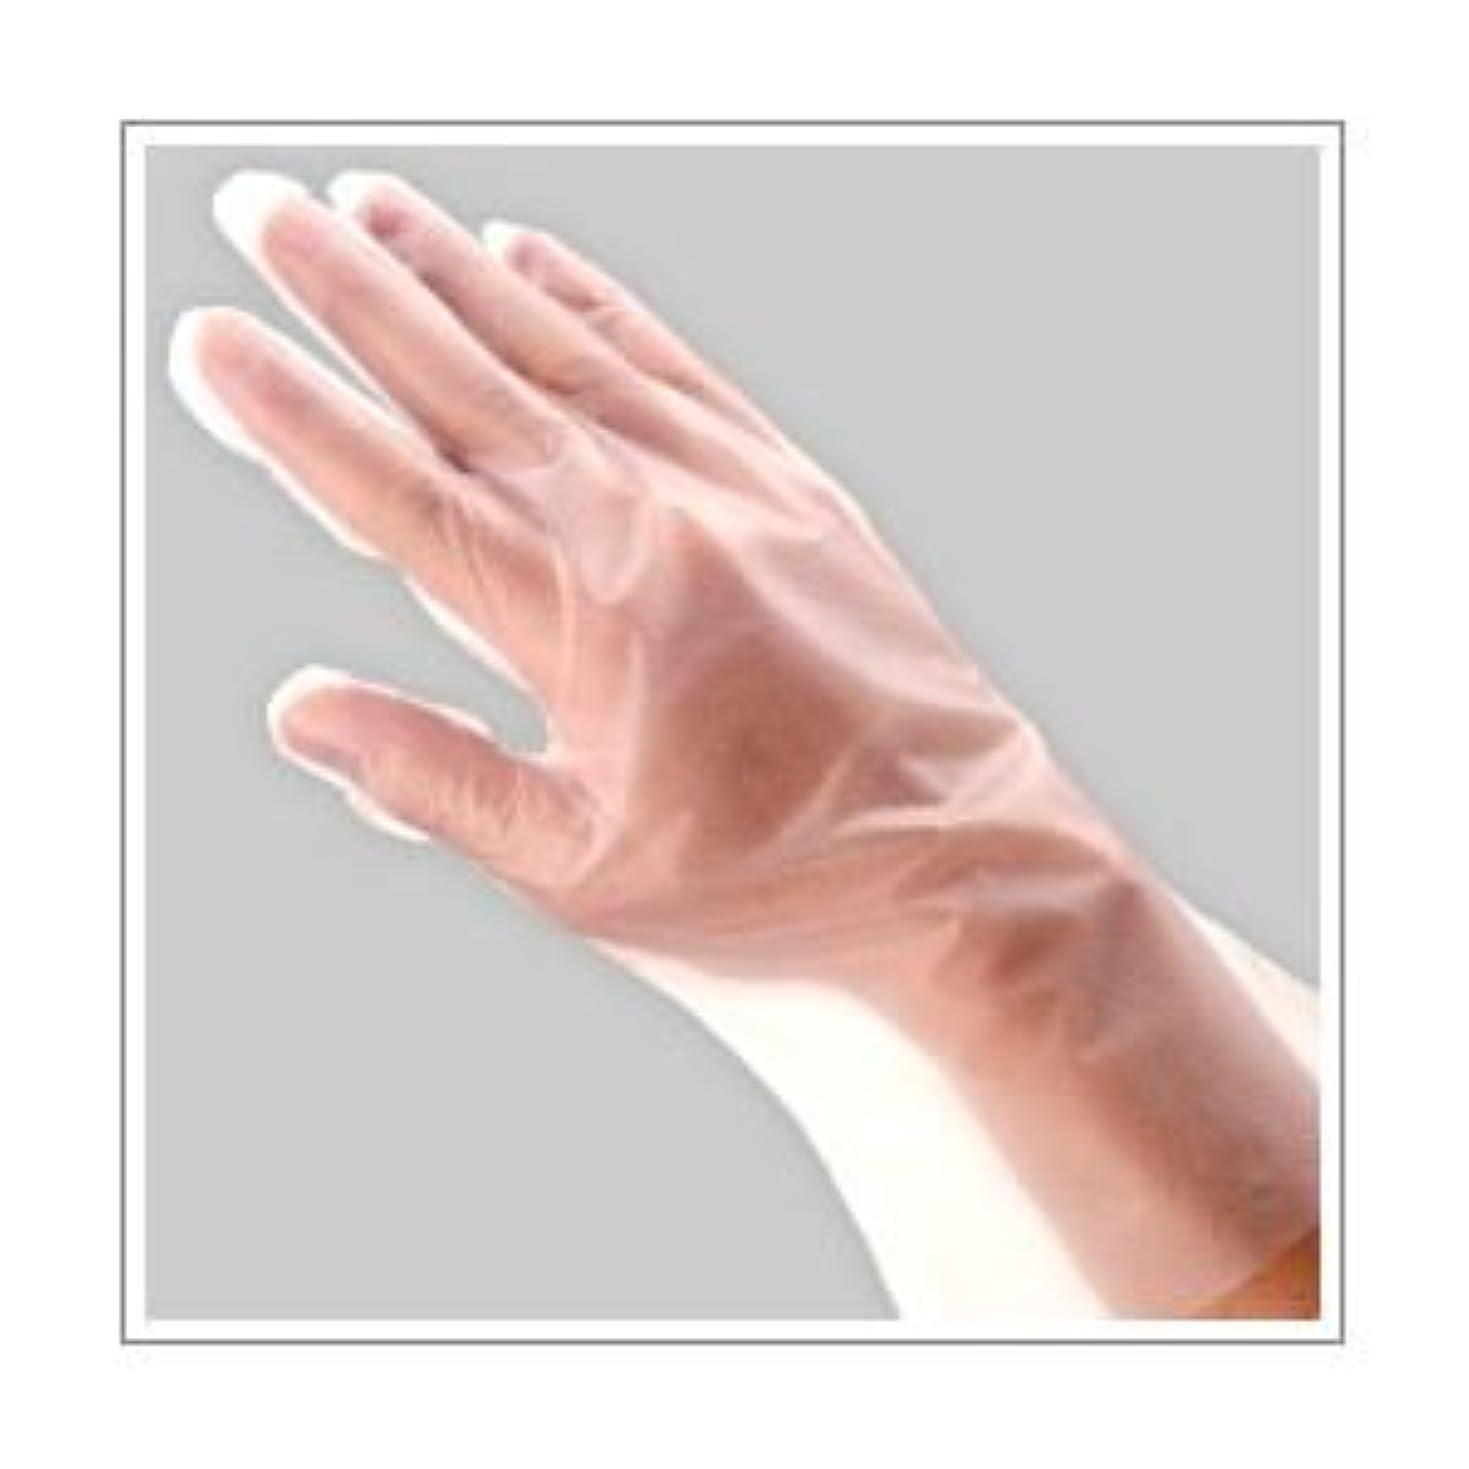 取り消すロゴ科学(業務用セット) 福助工業 ポリ手袋 指フィット 100枚パック L 【×10セット】